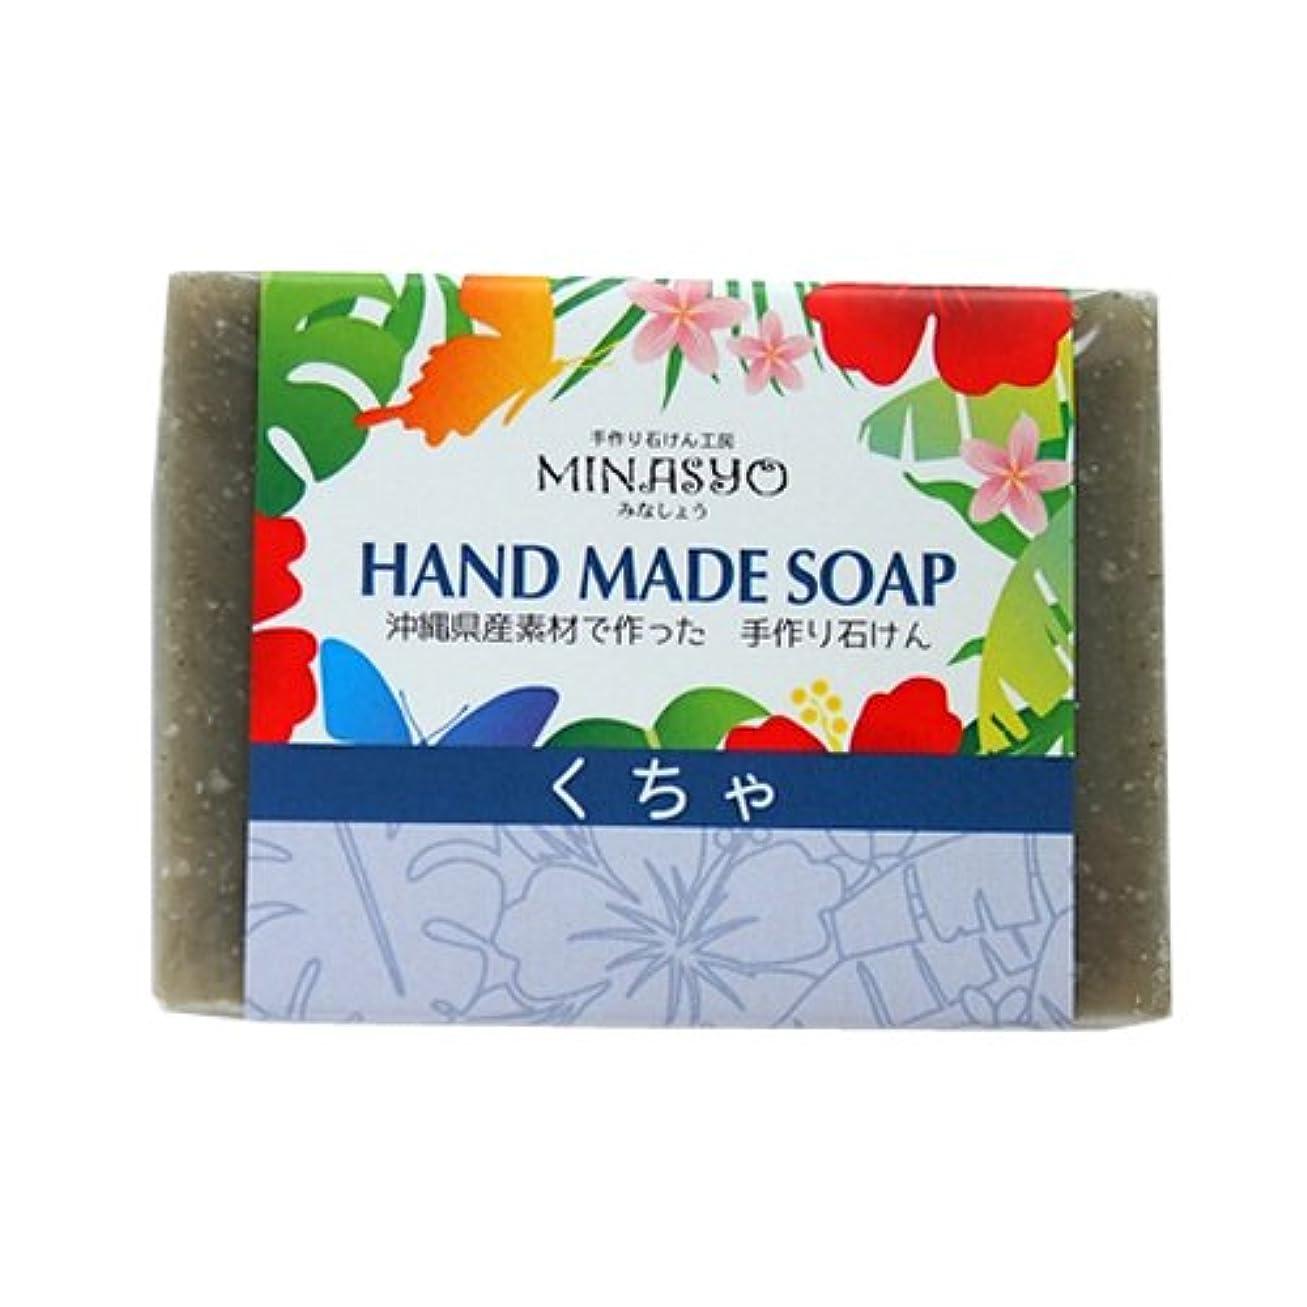 流出運ぶ無限大洗顔 石鹸 無添加 沖縄くちゃ みなしょう 手作りくちゃ石鹸 100g×10個